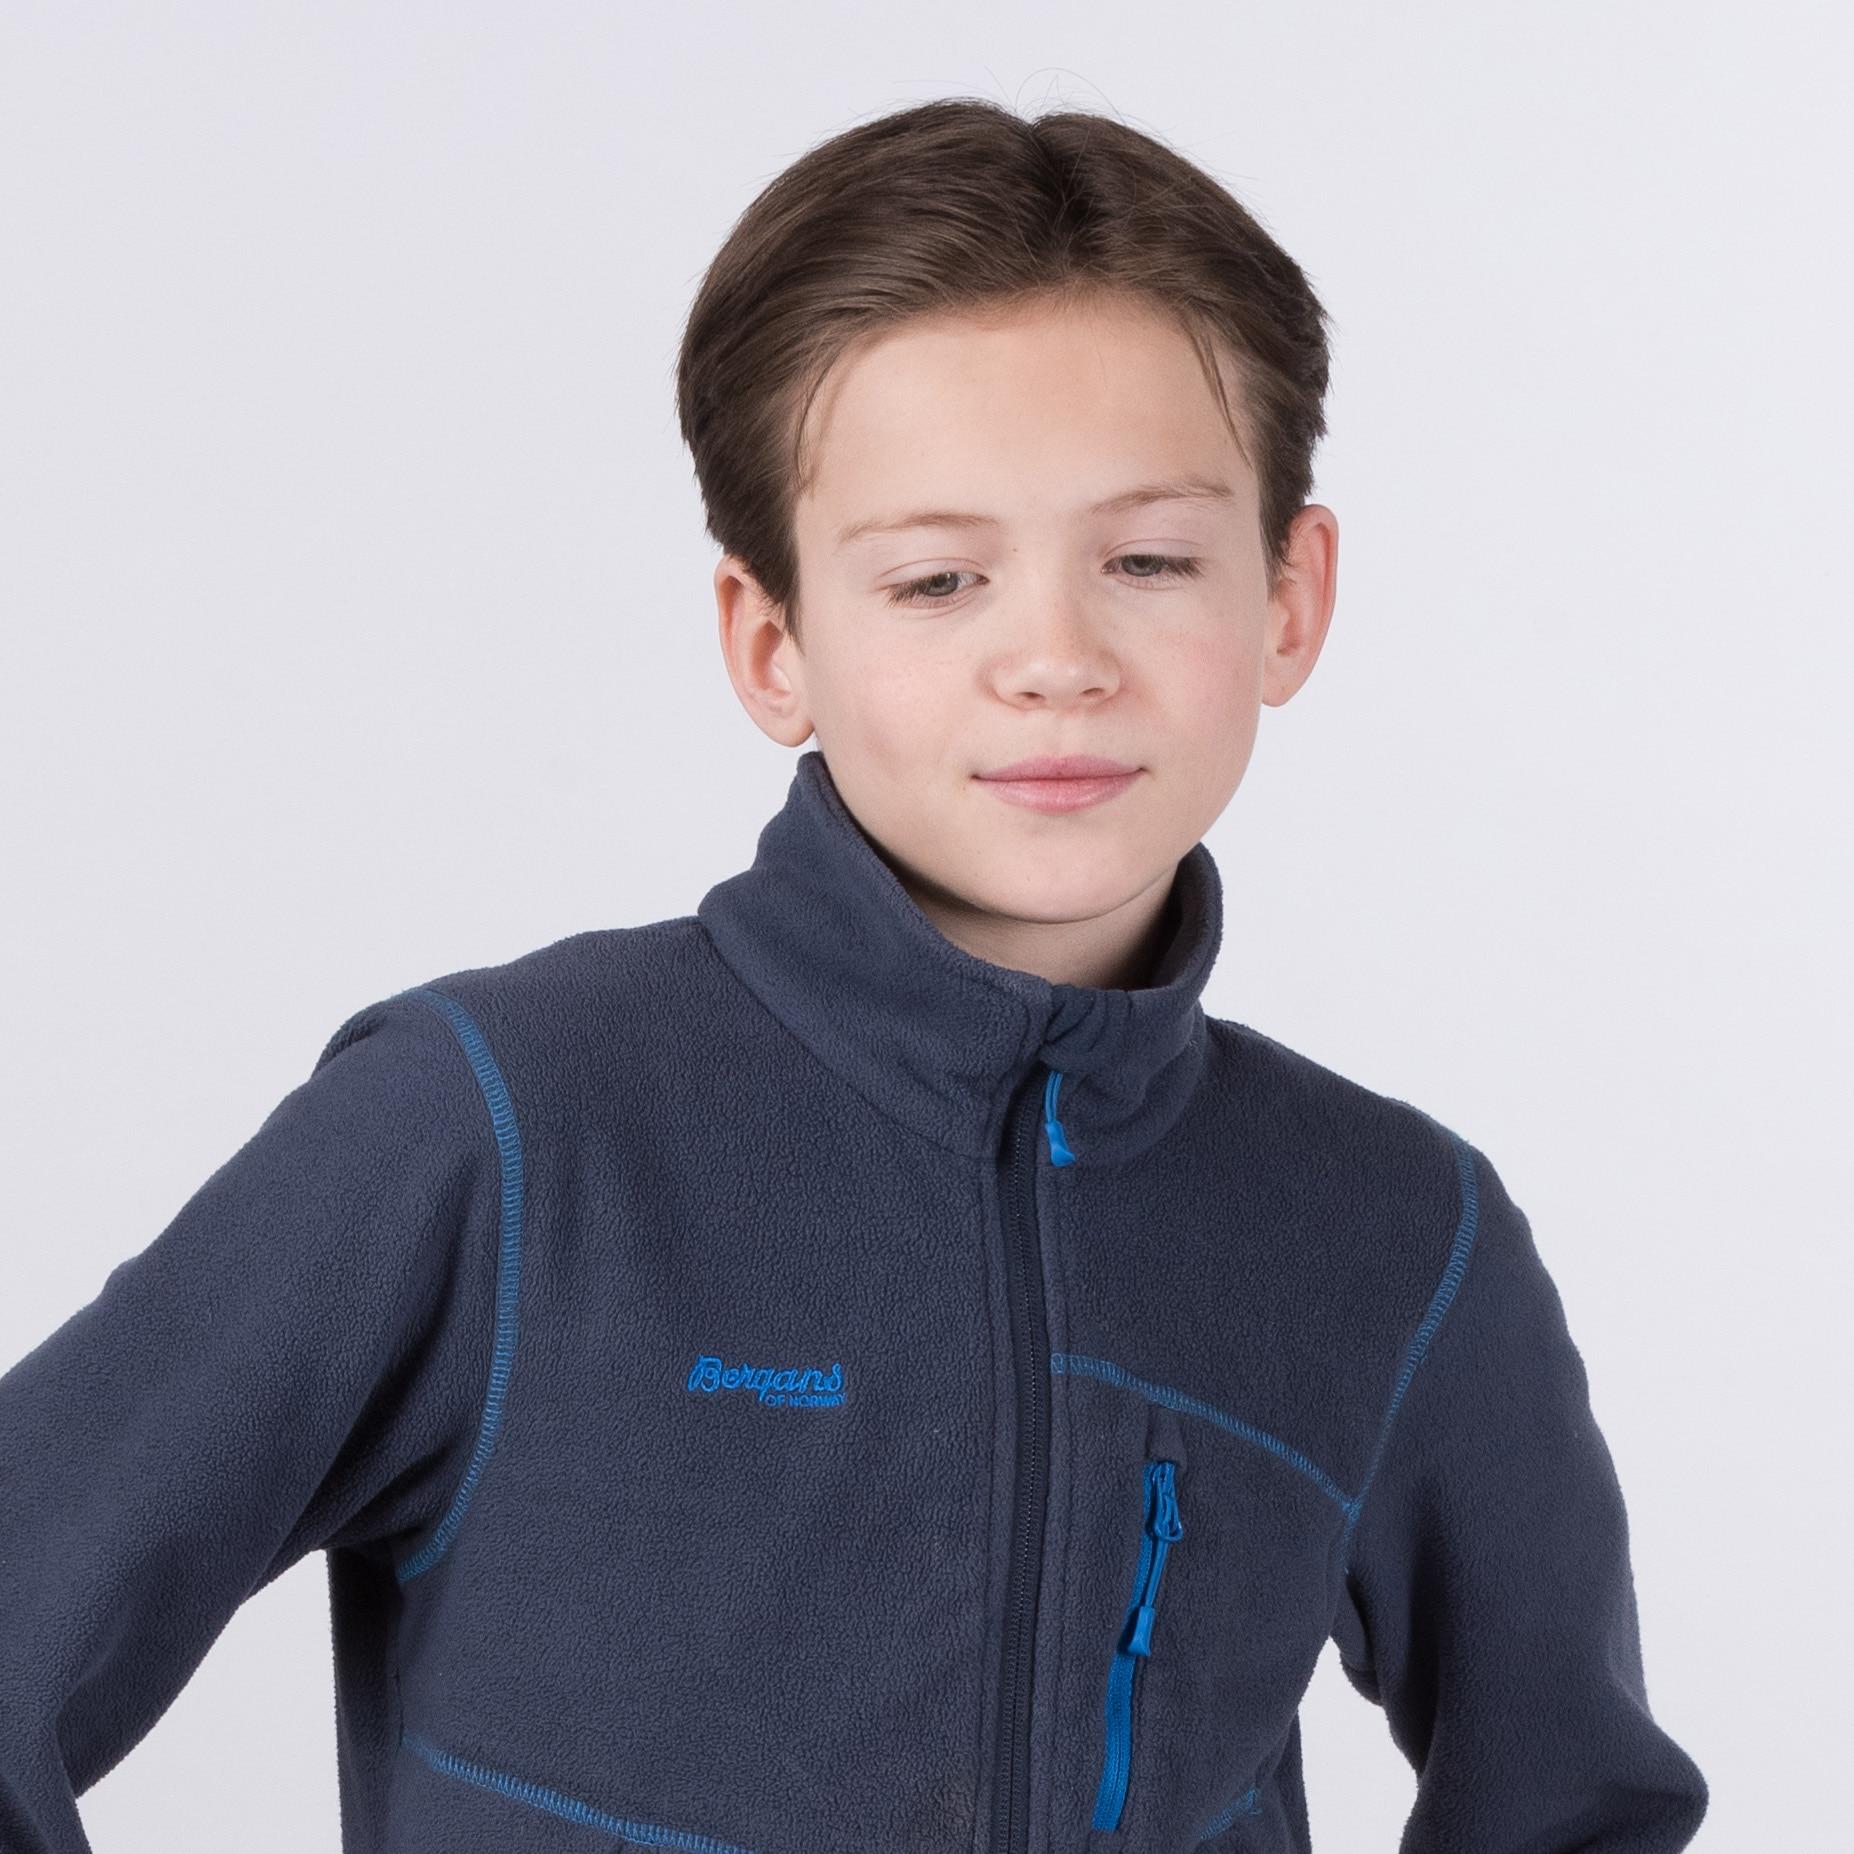 Runde Youth Jacket